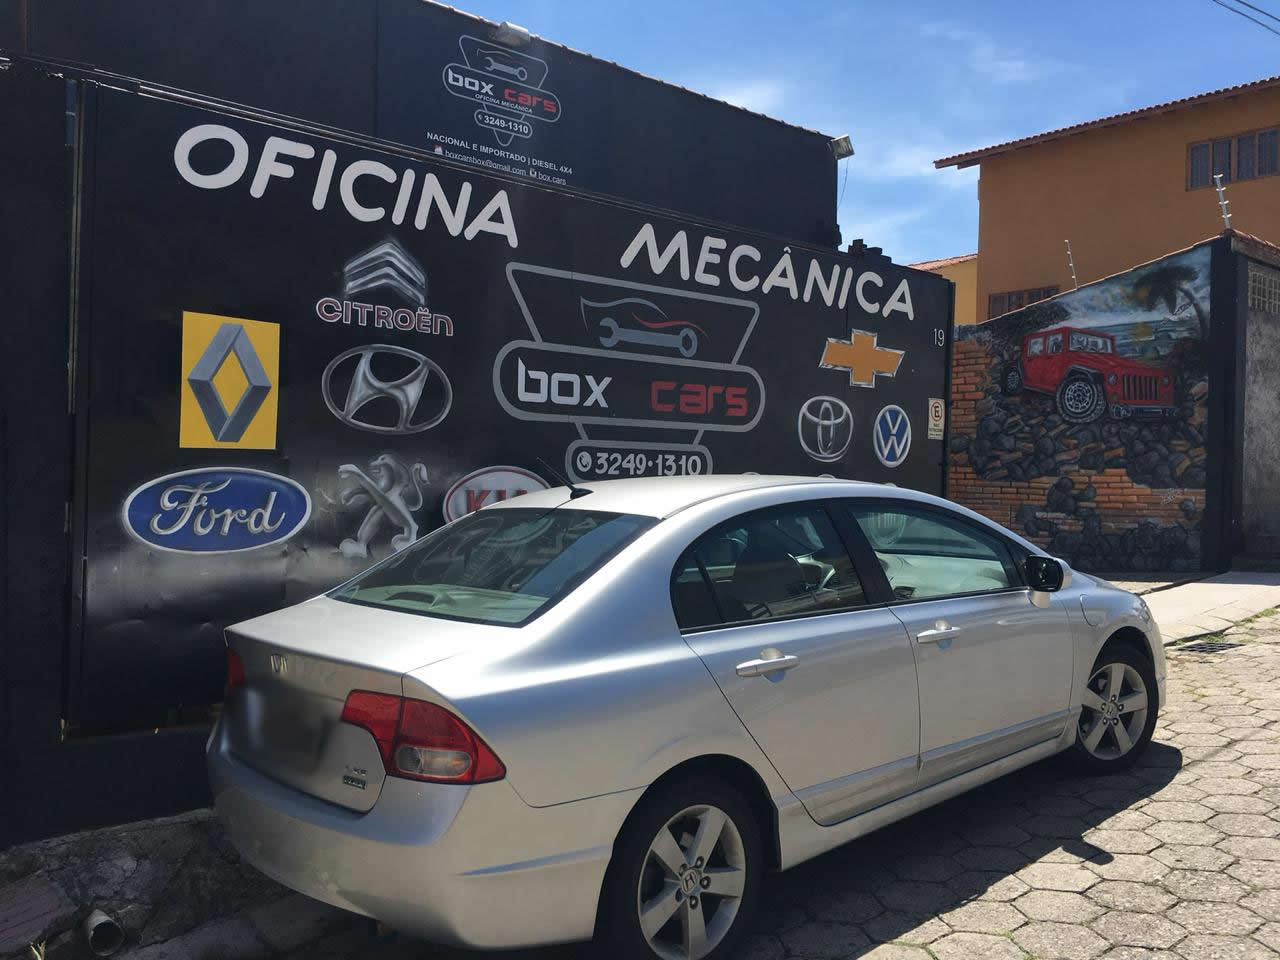 Box Cars - Oficina Mecânica no bairro Barreiros em São José